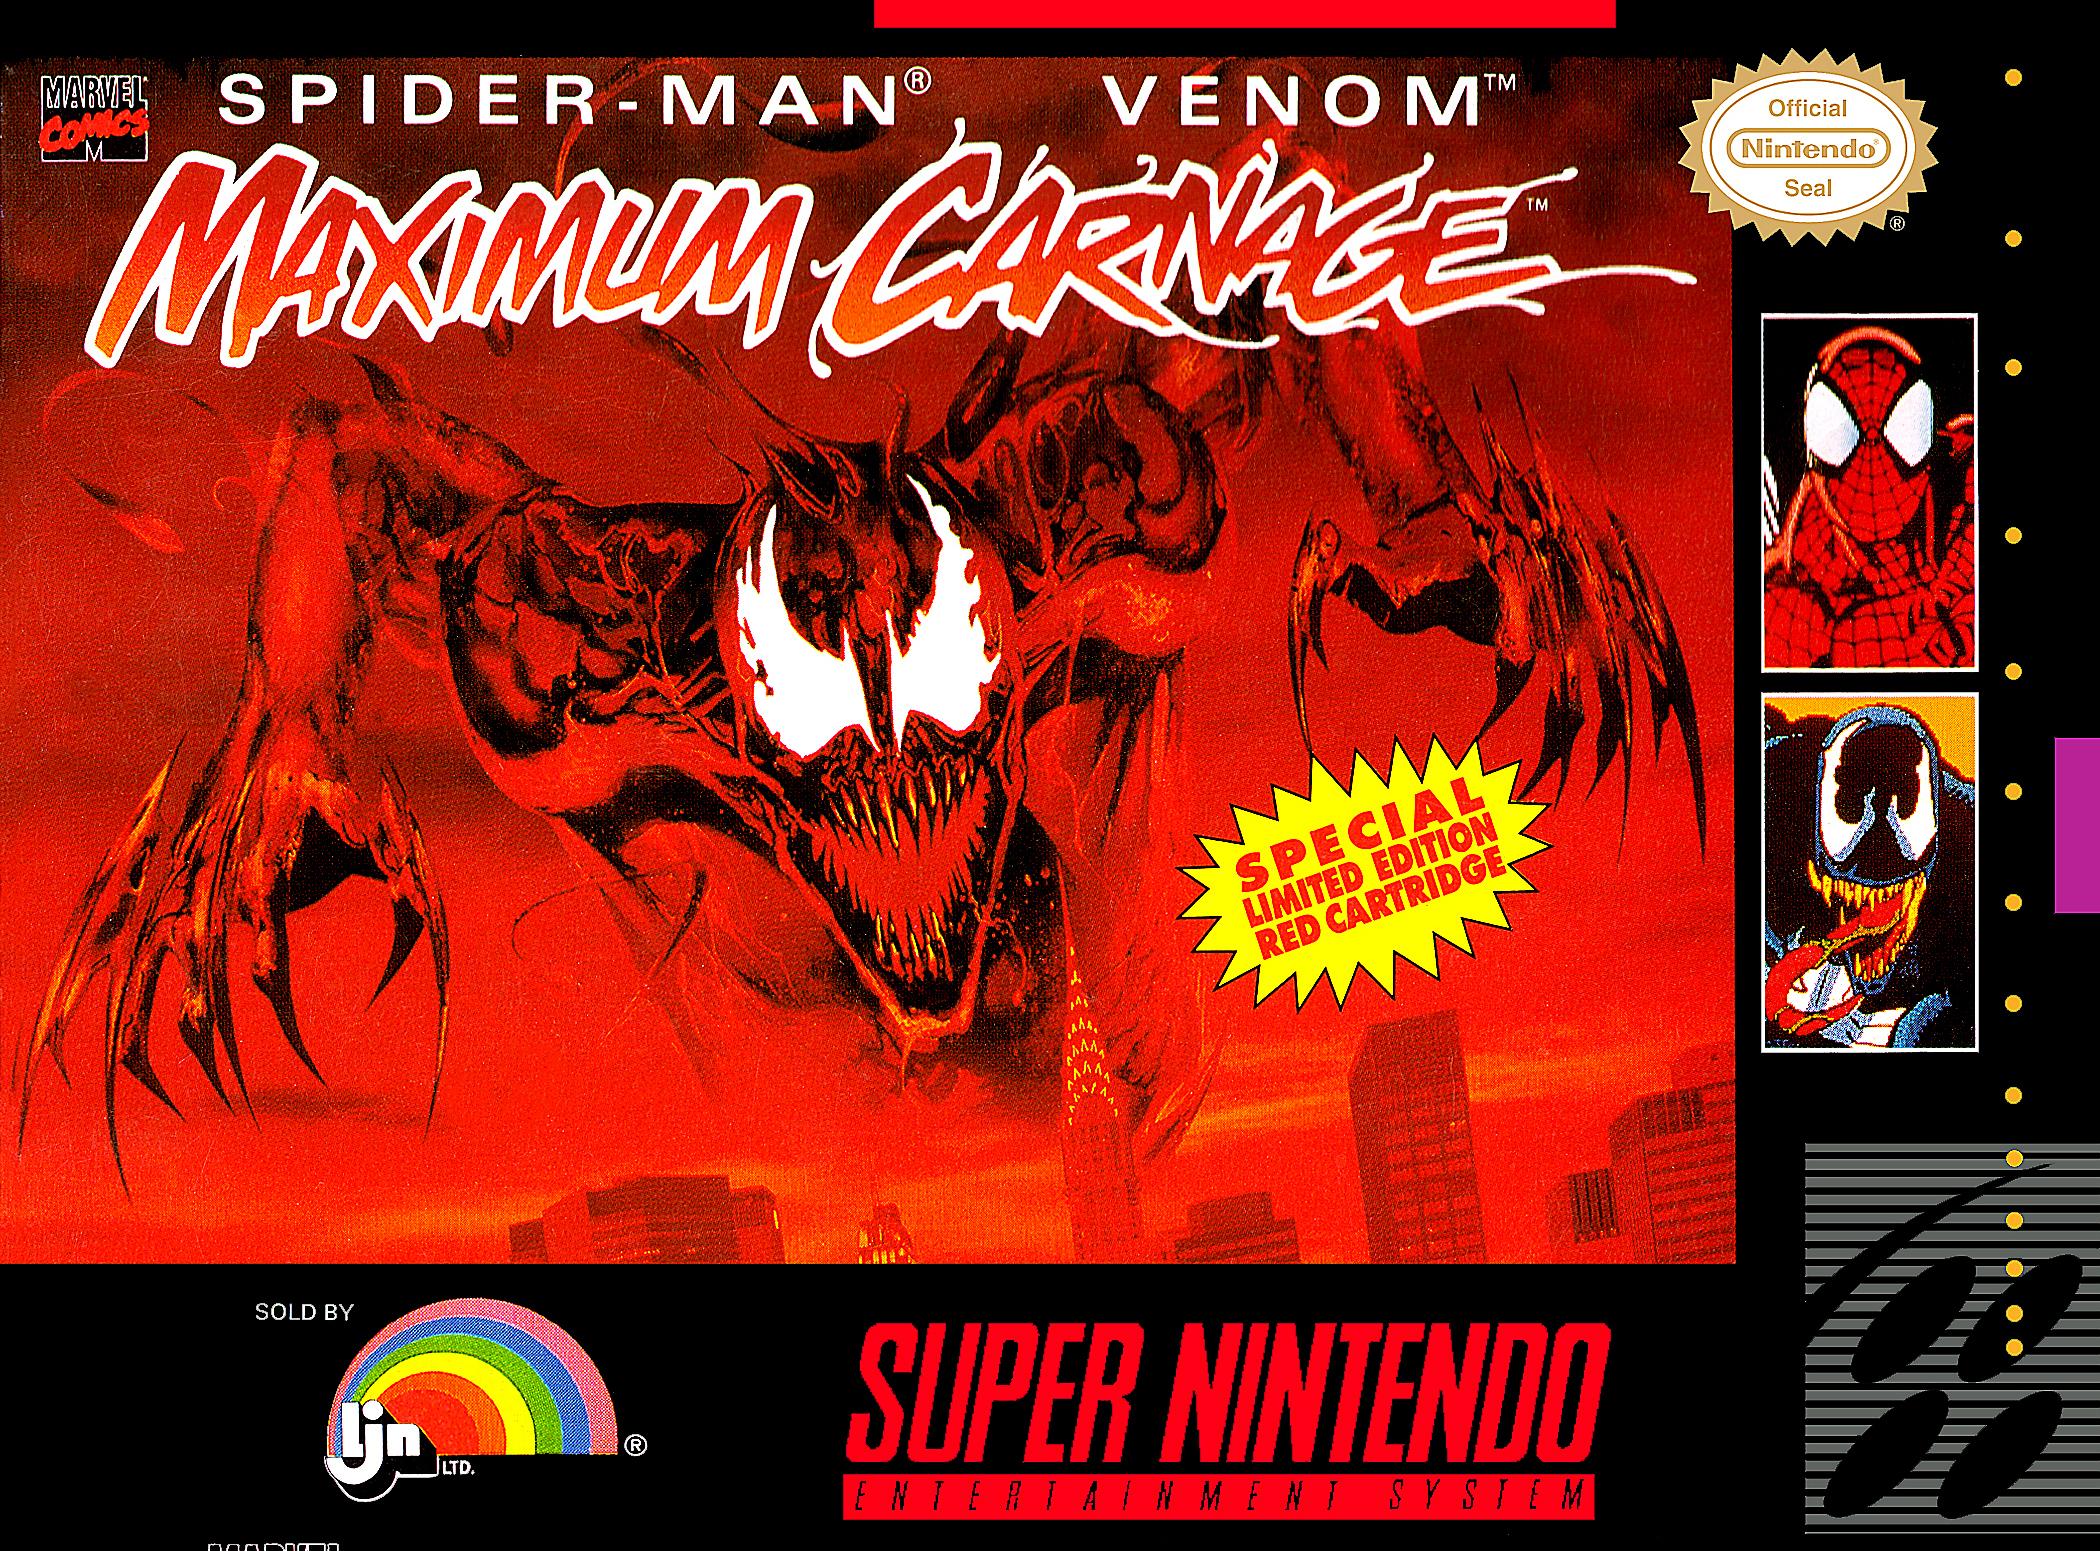 Spider-Man/Venom: Maximum Carnage/SNES